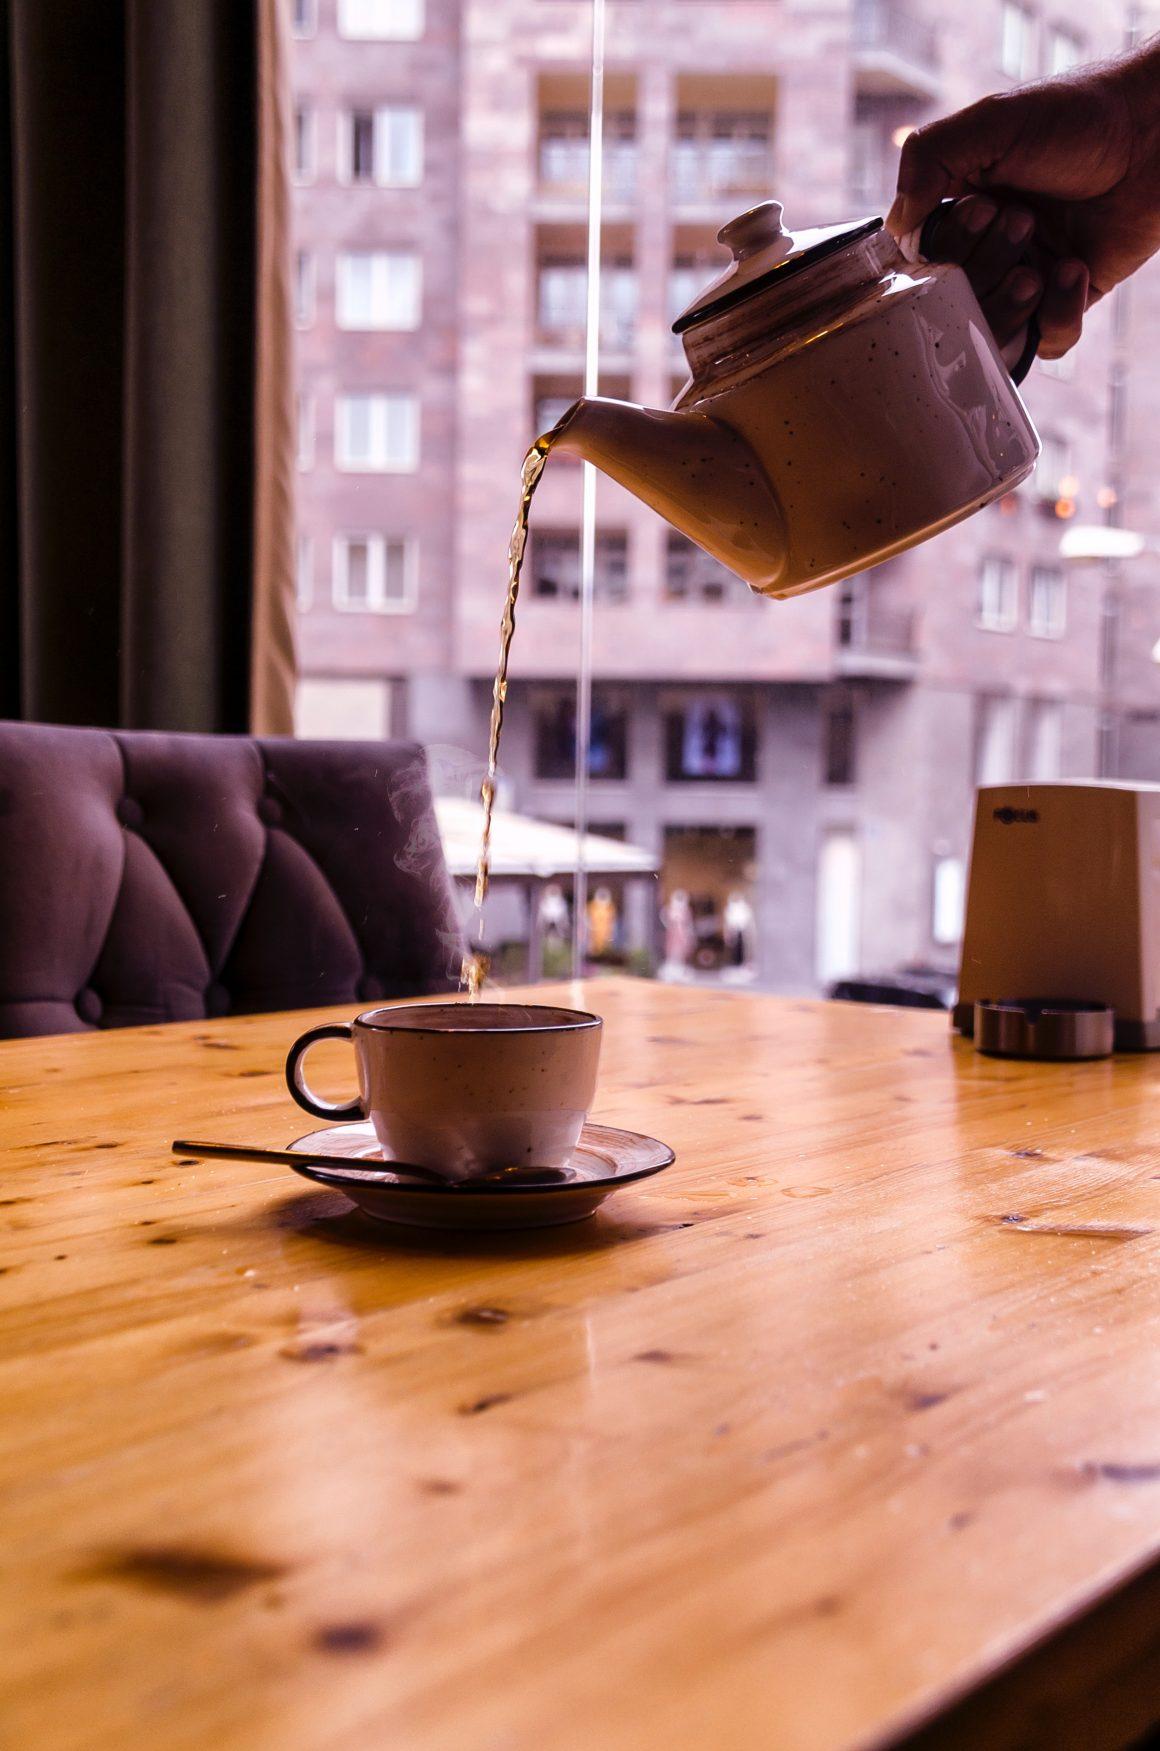 pierderea în greutate predomină cafeaua